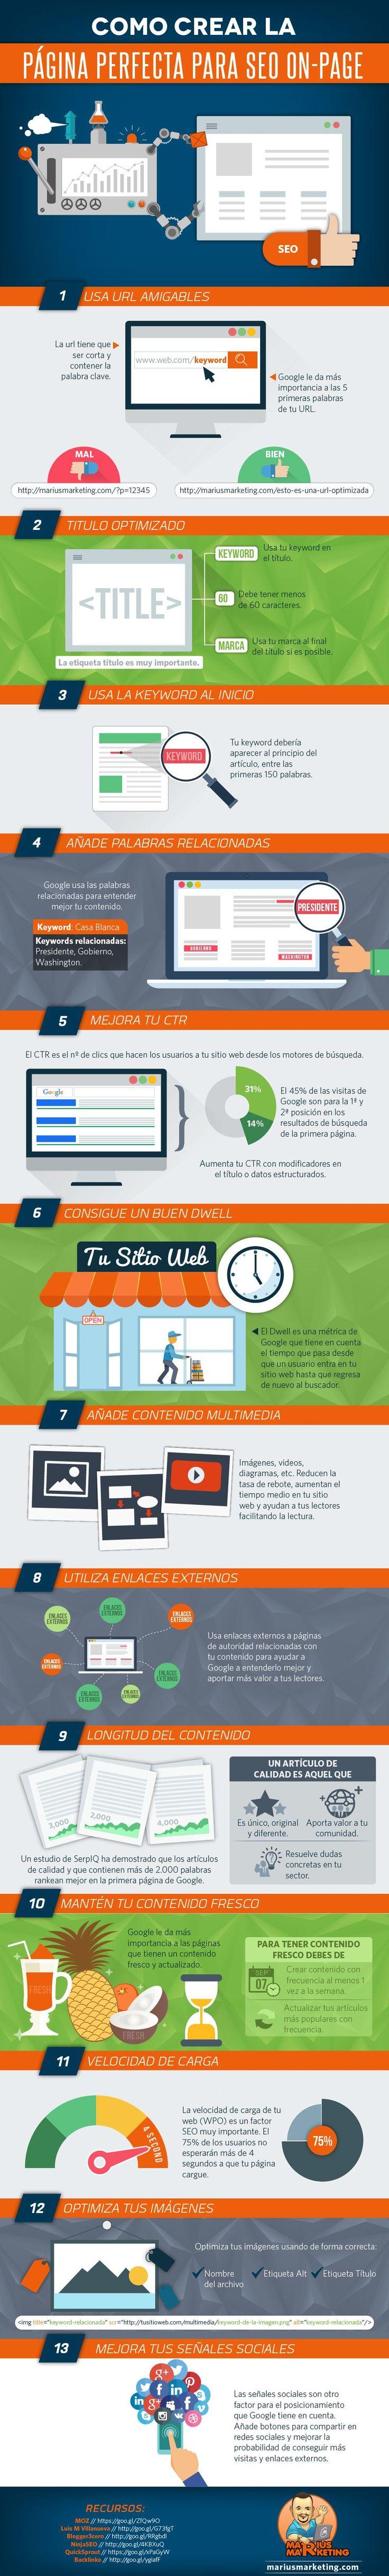 Hola: Una infografía sobre Cómo crear la página perfecta para SEO on-page. Vía Un saludo